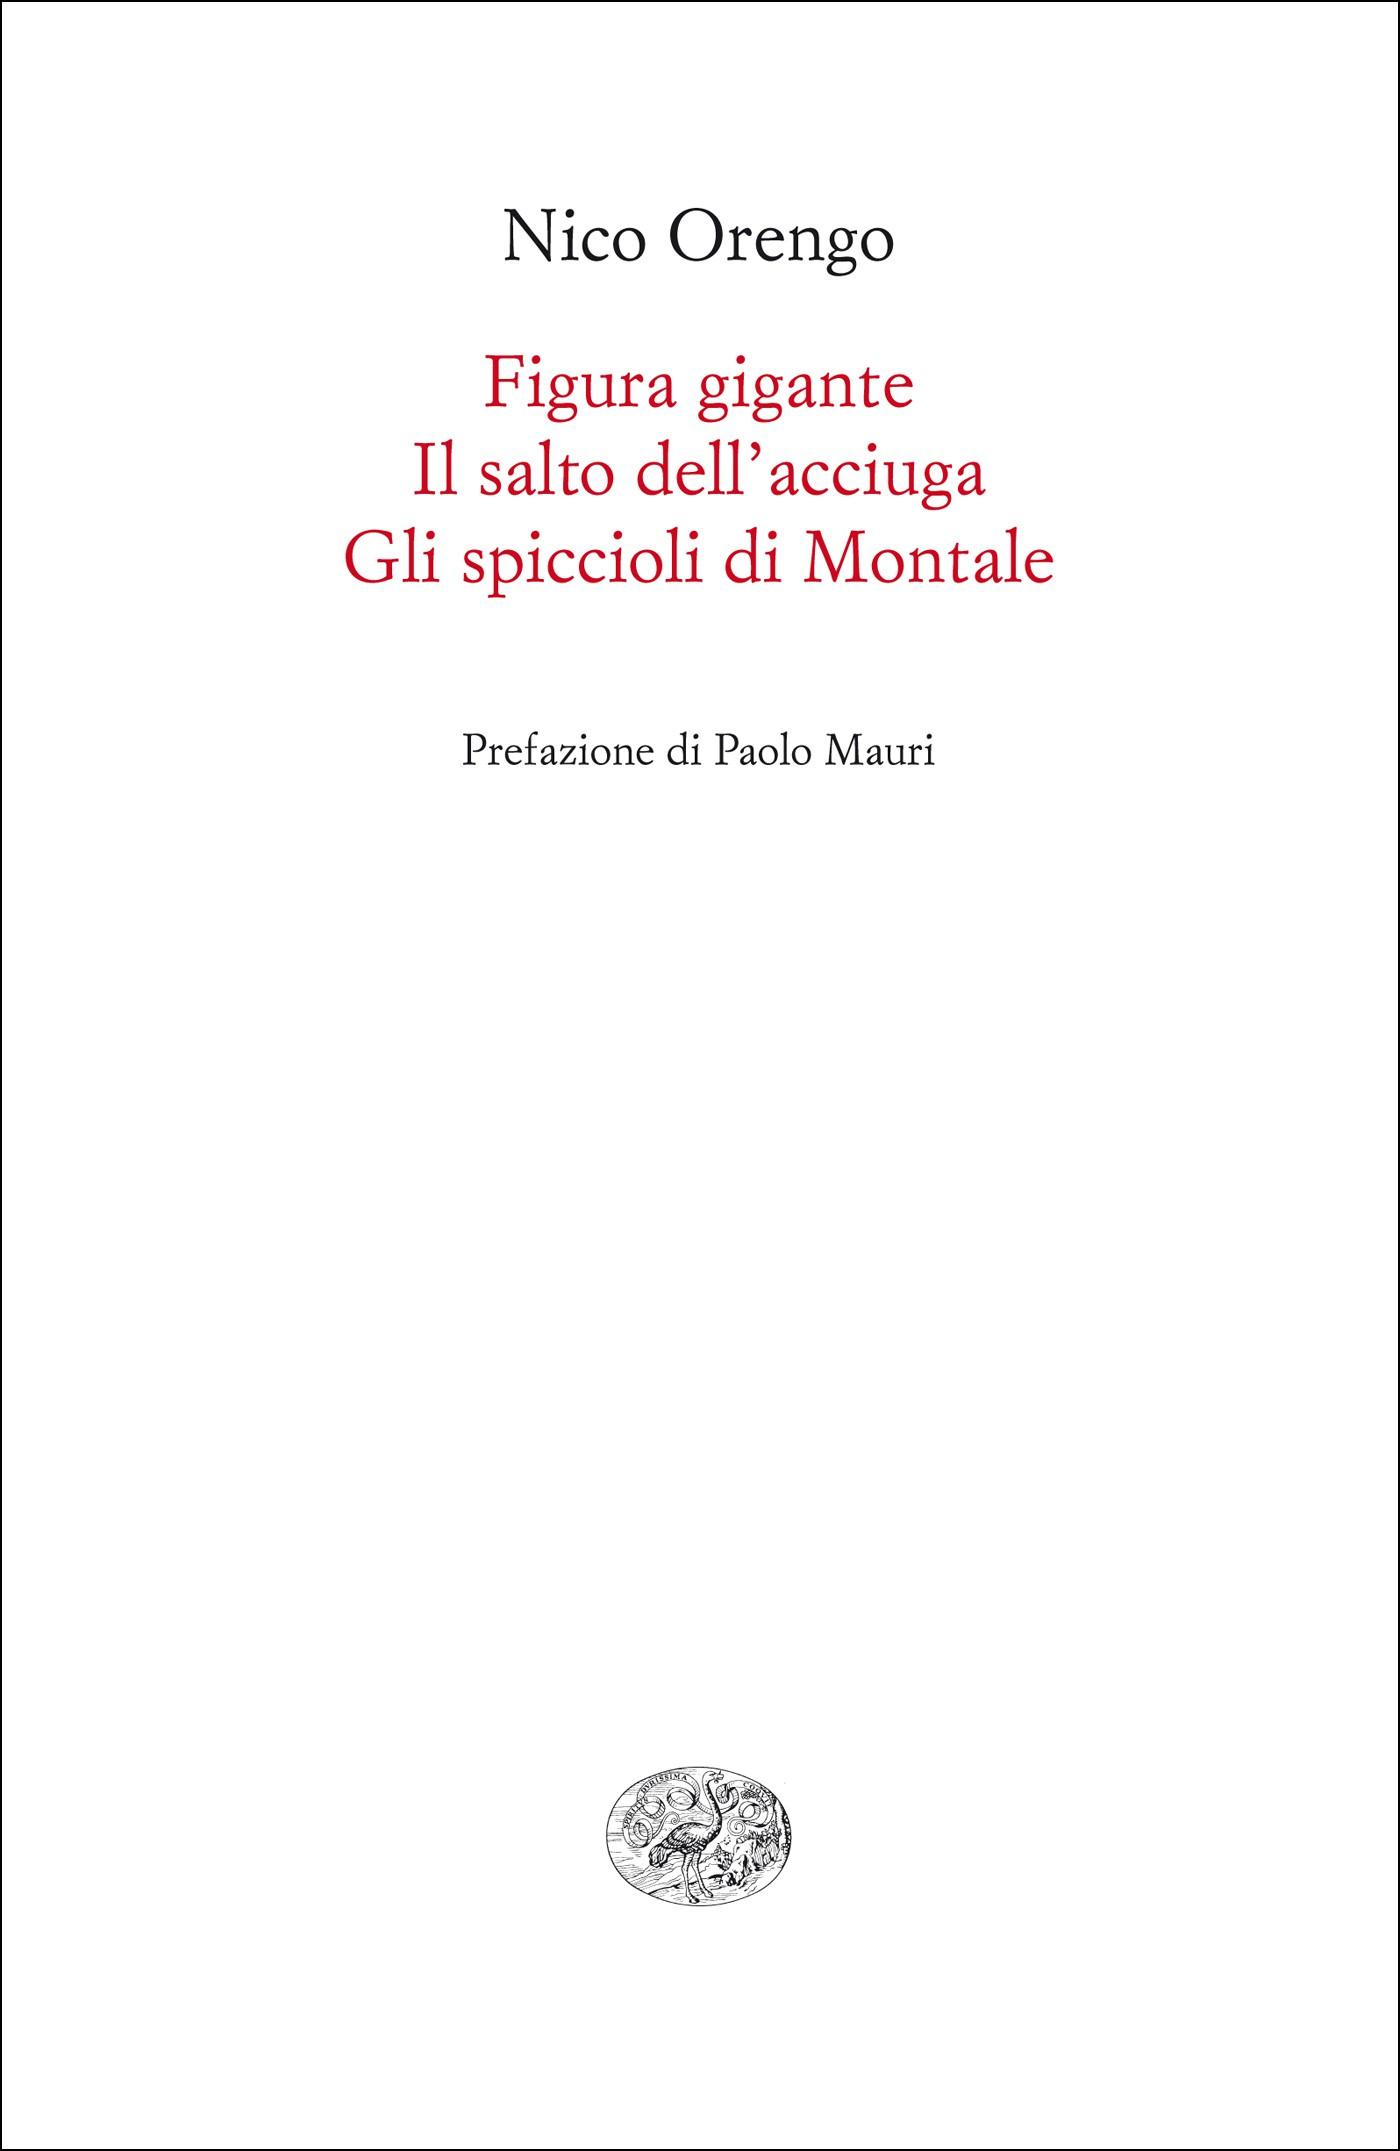 Figura gigante; Il salto dell'acciuga; Gli spiccioli di Montale: Requiem per un uliveto; di Nico Orengo